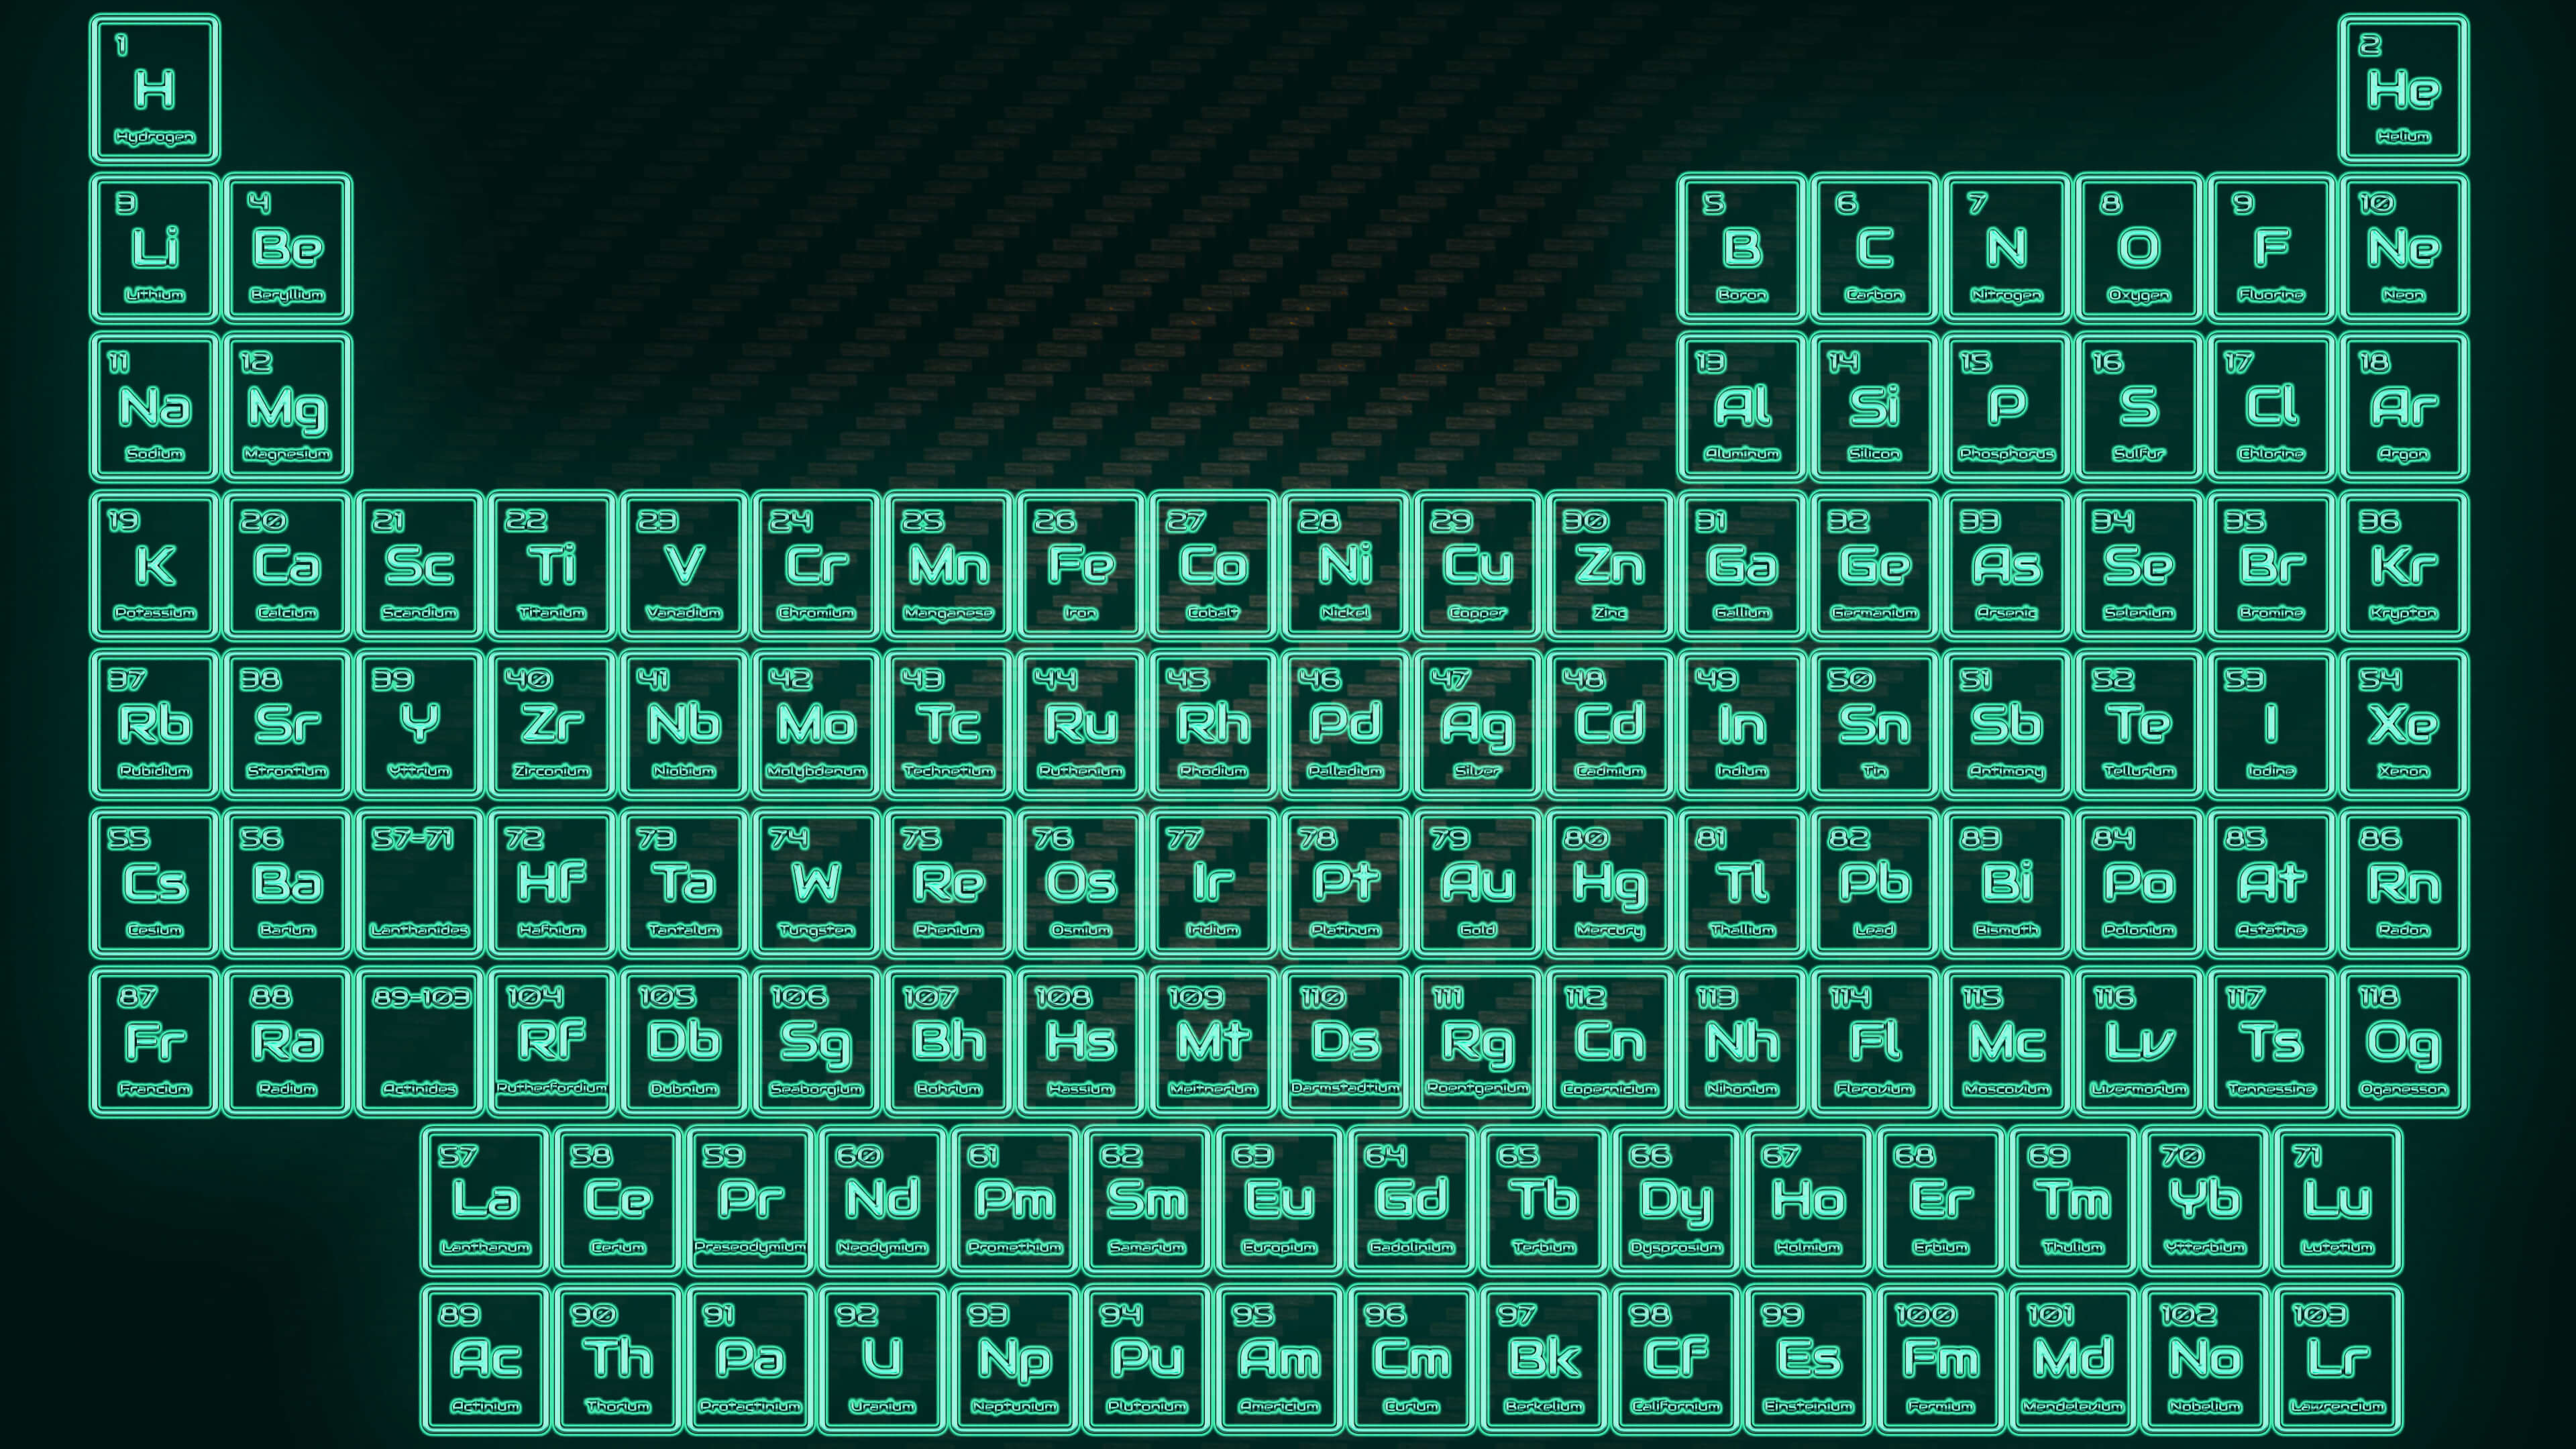 3840x2160, Tritium Neon Glowing Tube Periodic Table - Periodic Table Neon Color - HD Wallpaper